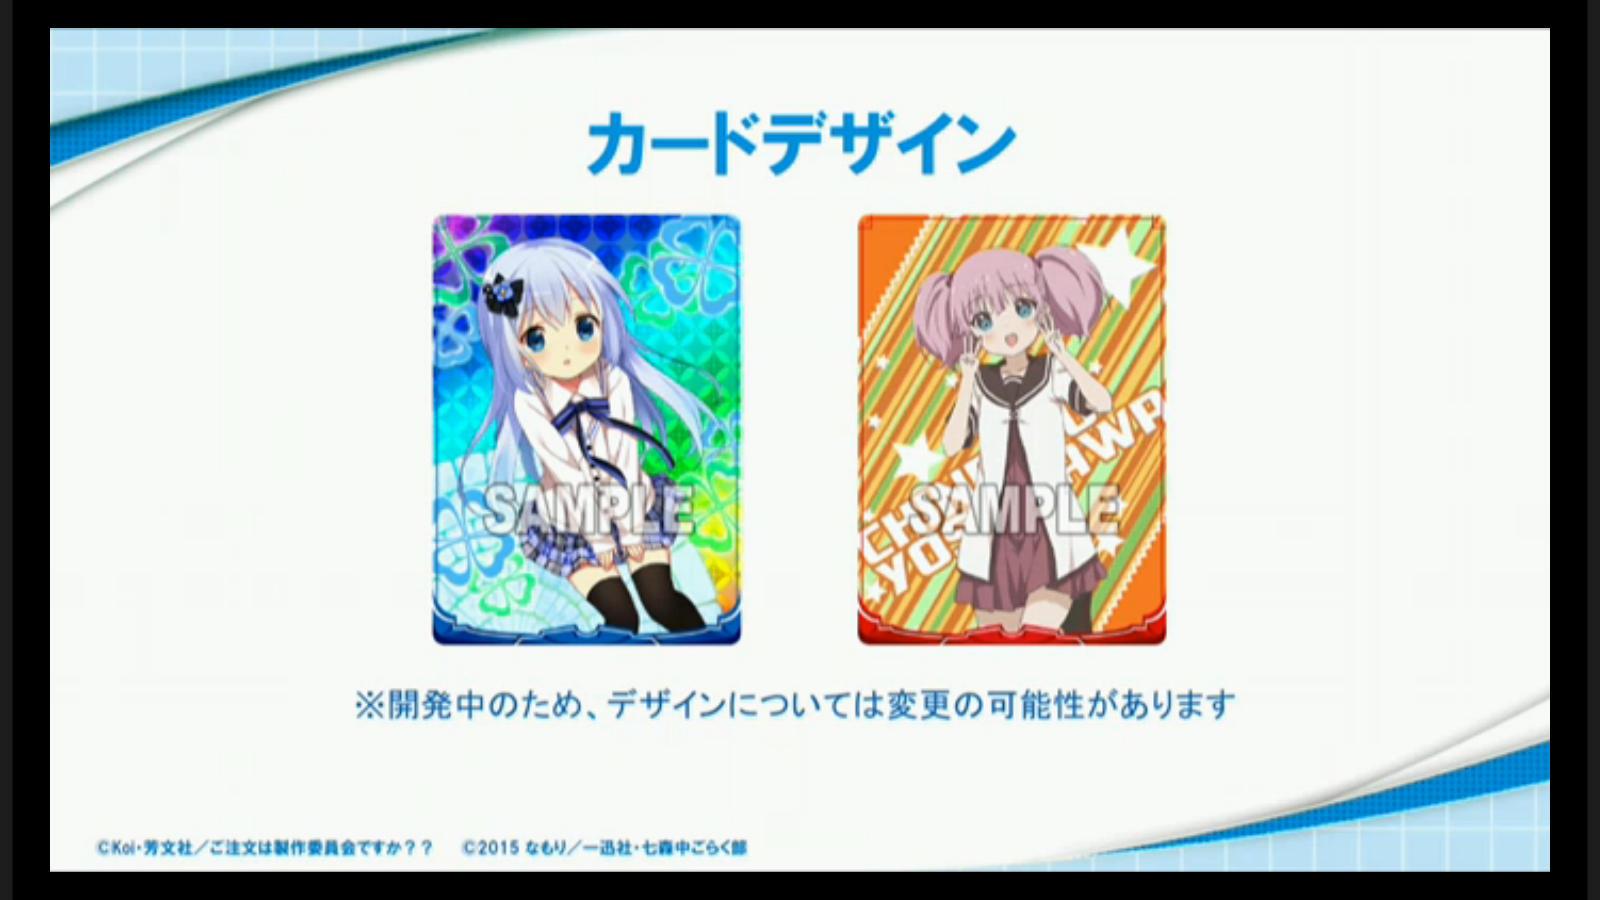 ジーンクロス発表会 新情報まとめ15.jpg カードデザイン